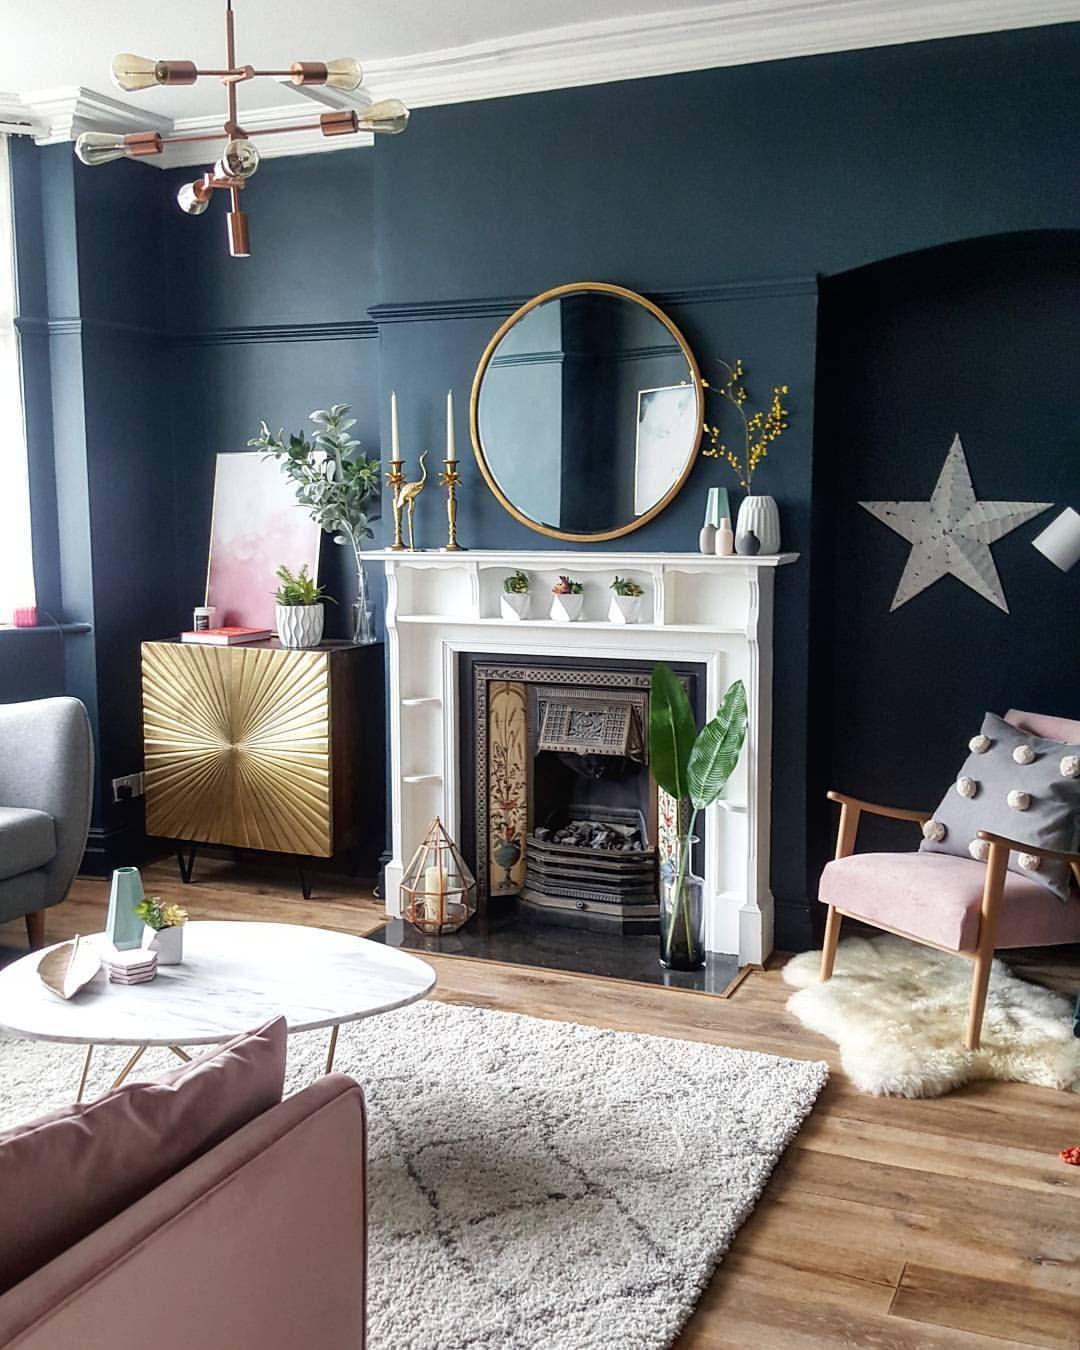 refaire son salon best refaire son salon rouen velux photo galerie rouen carte rouen aktion. Black Bedroom Furniture Sets. Home Design Ideas